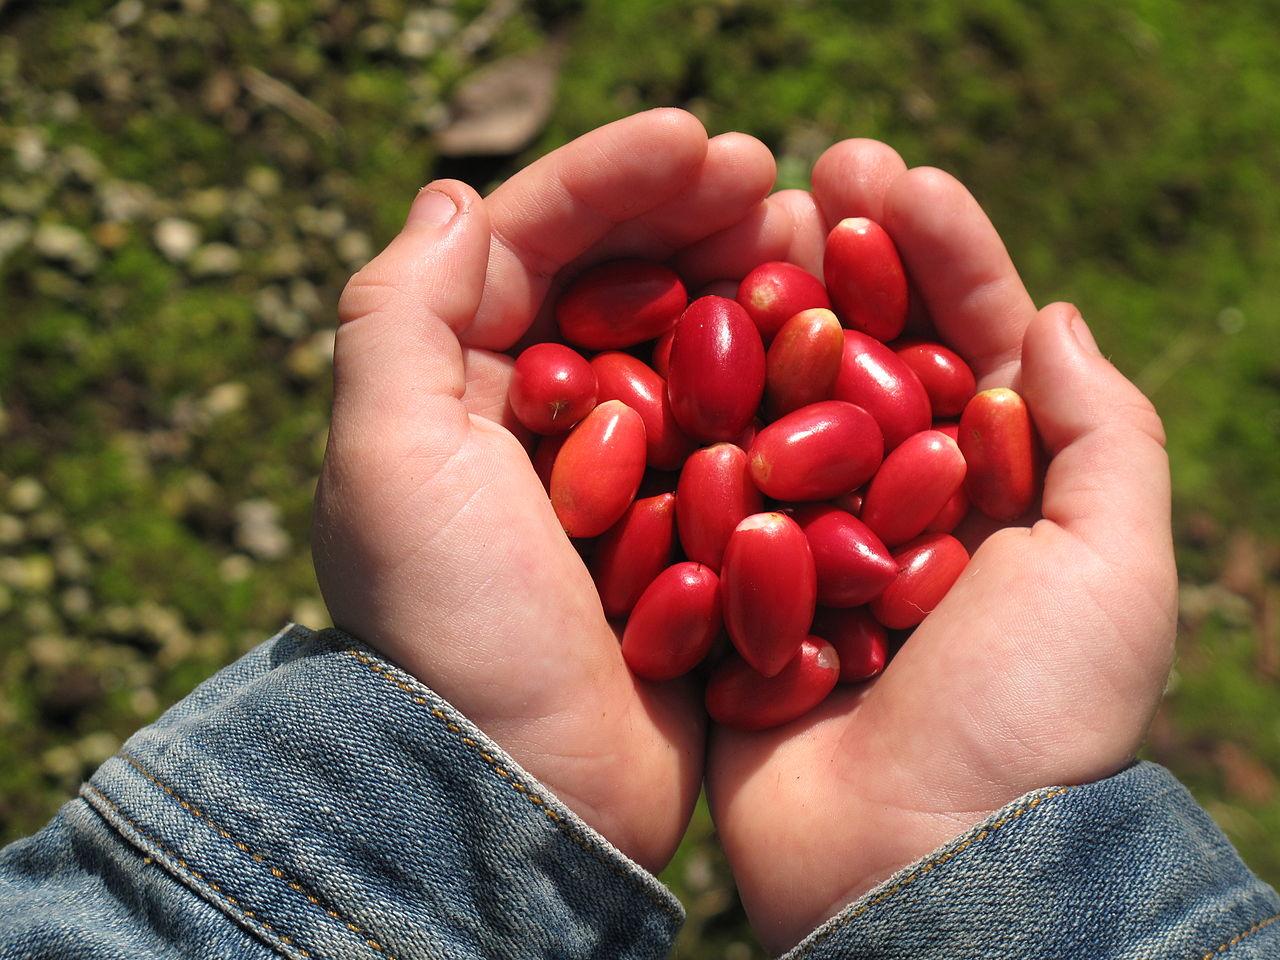 La fruta milagrosa: ¿sirve para adelgazar? - aPerderPeso.com